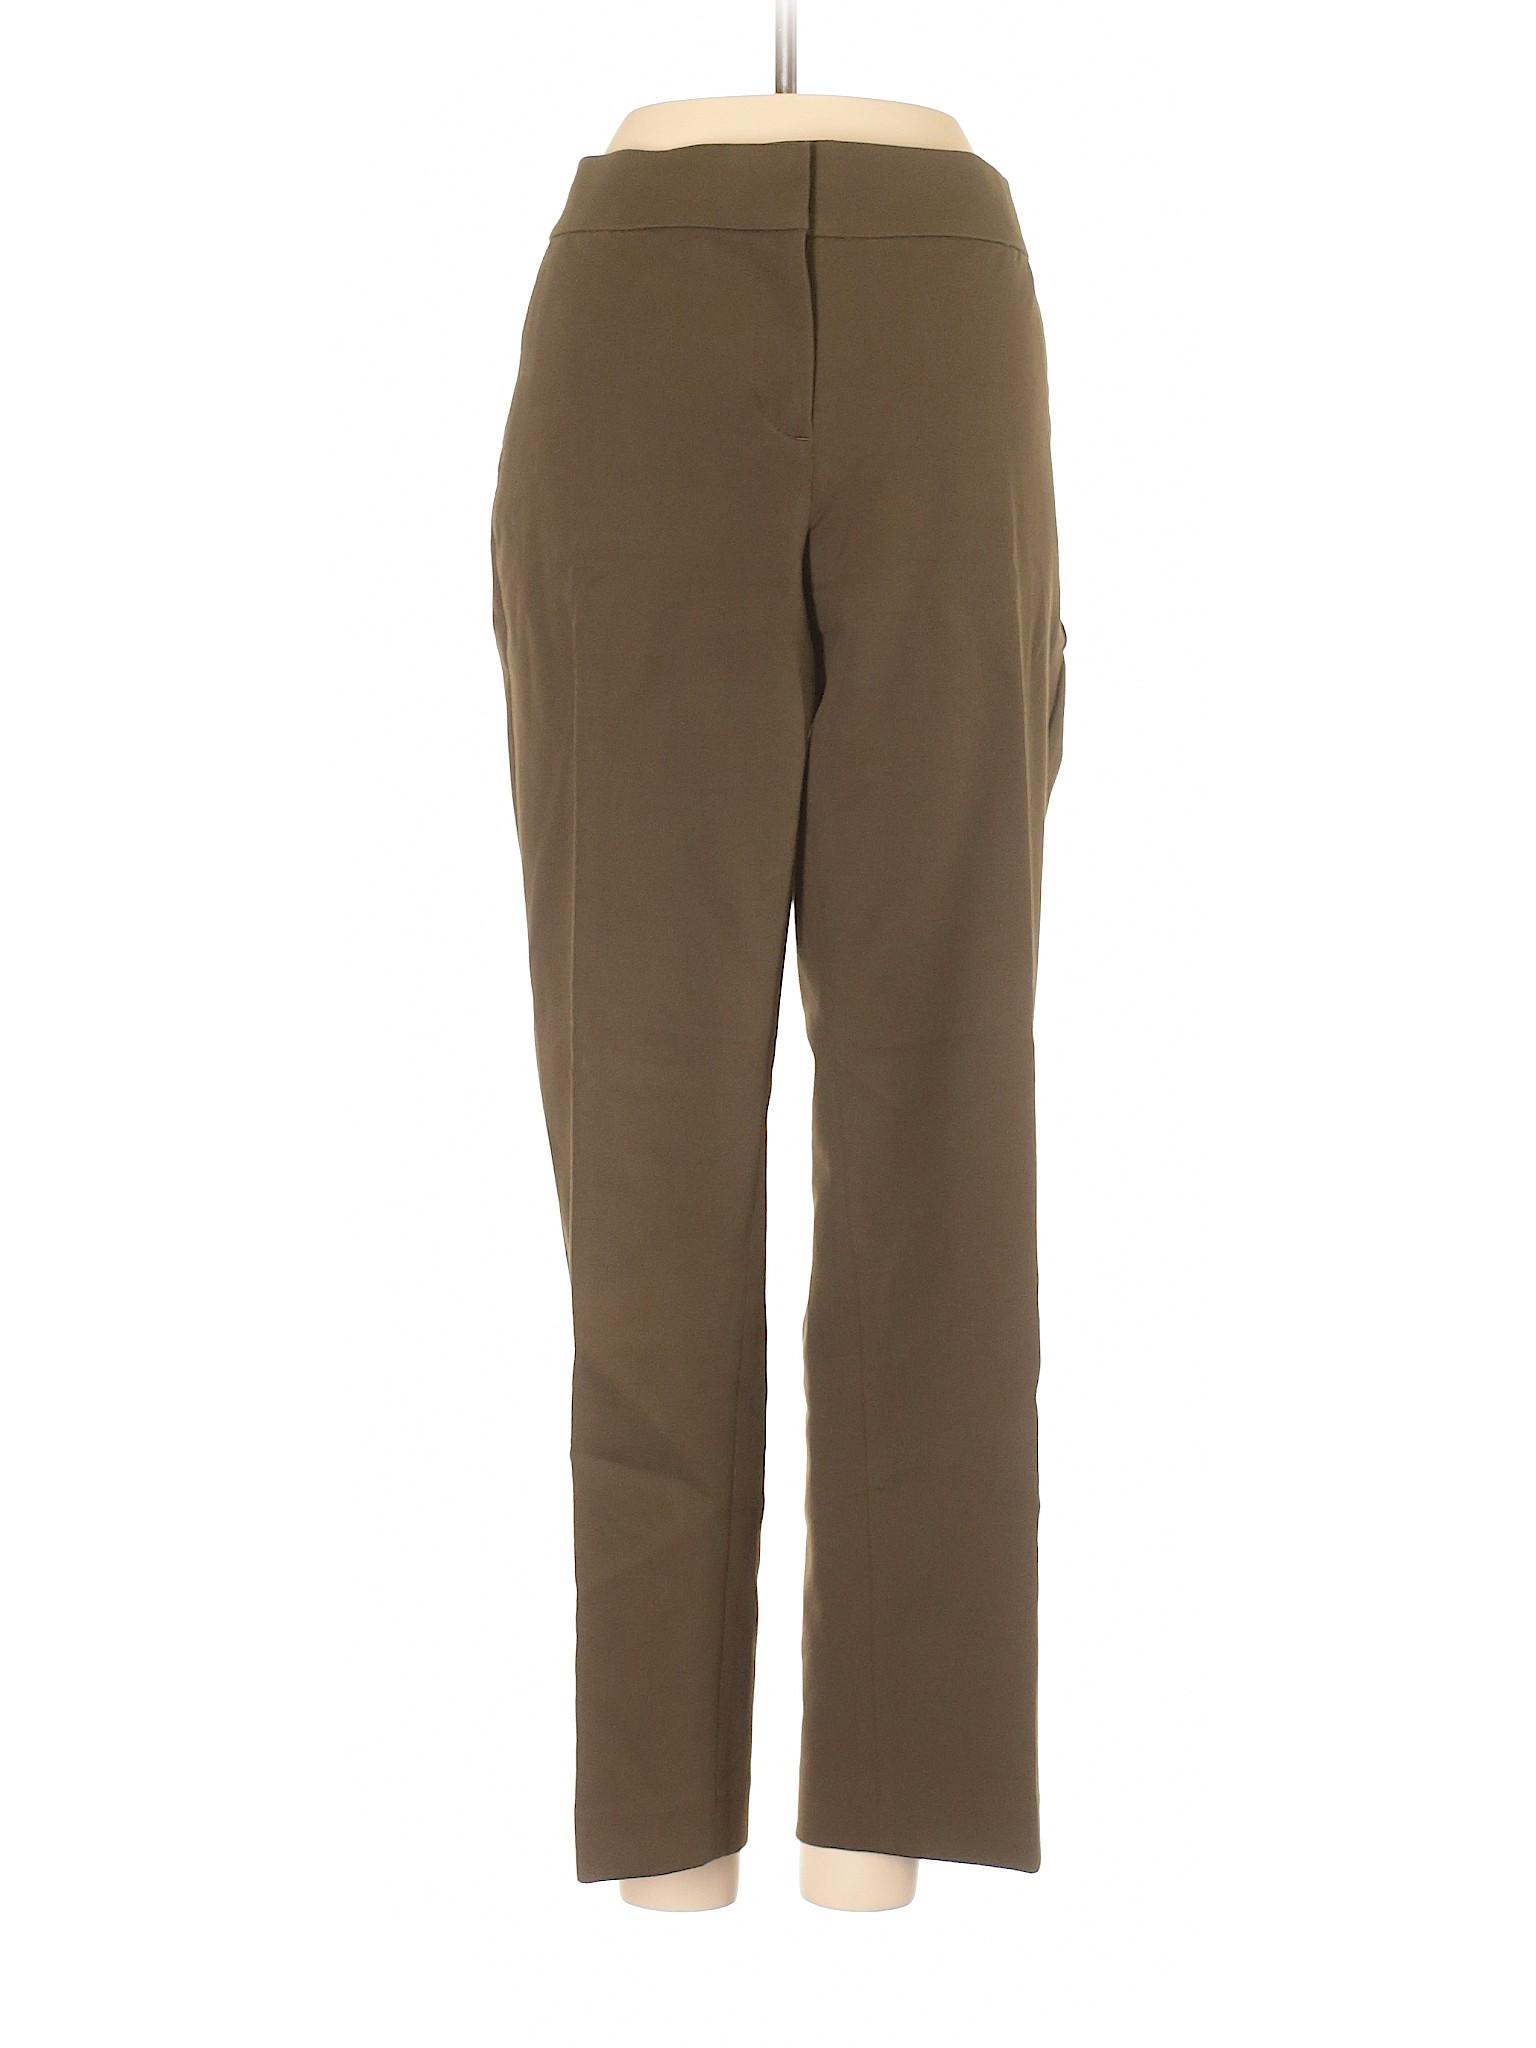 Dress Boutique winter Taylor Ann Pants wqqS4gnzx1